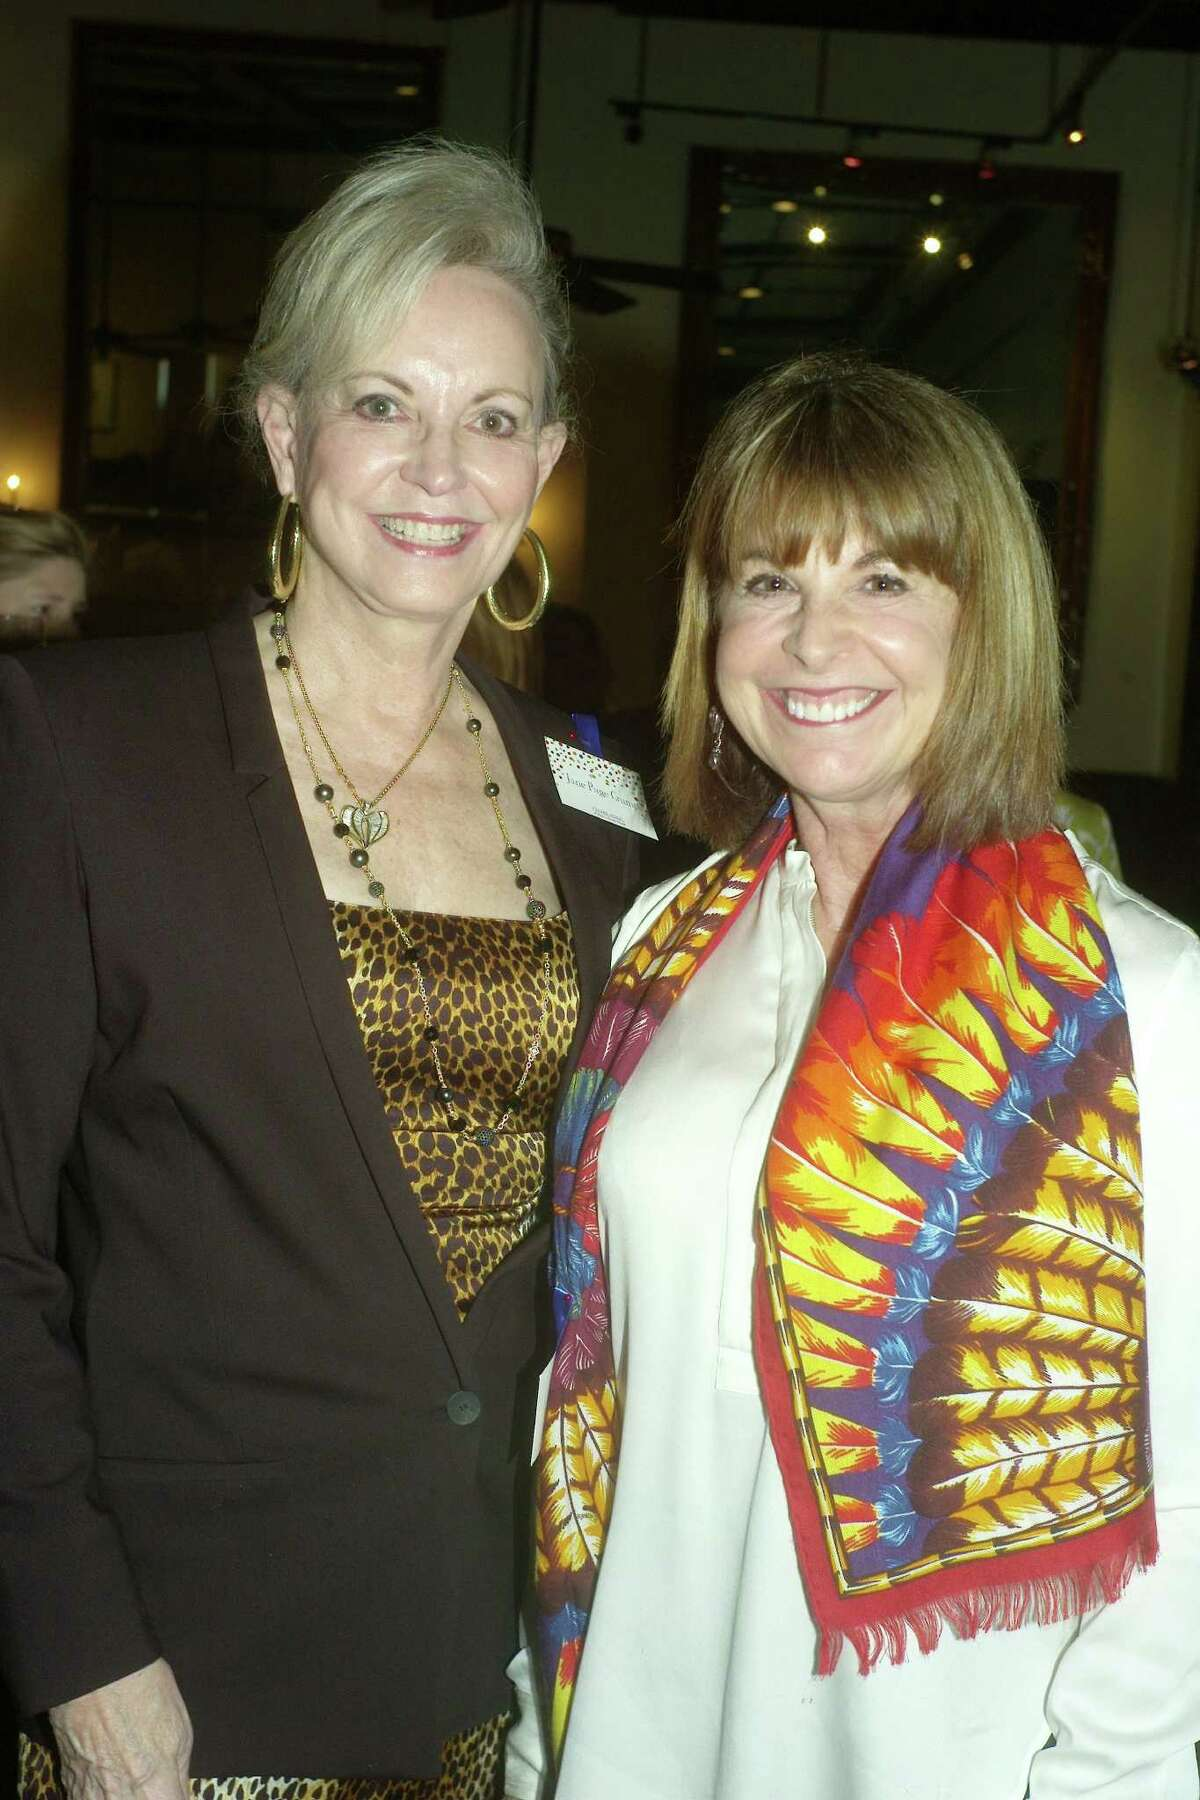 Jane Page Crump and Susan Pye